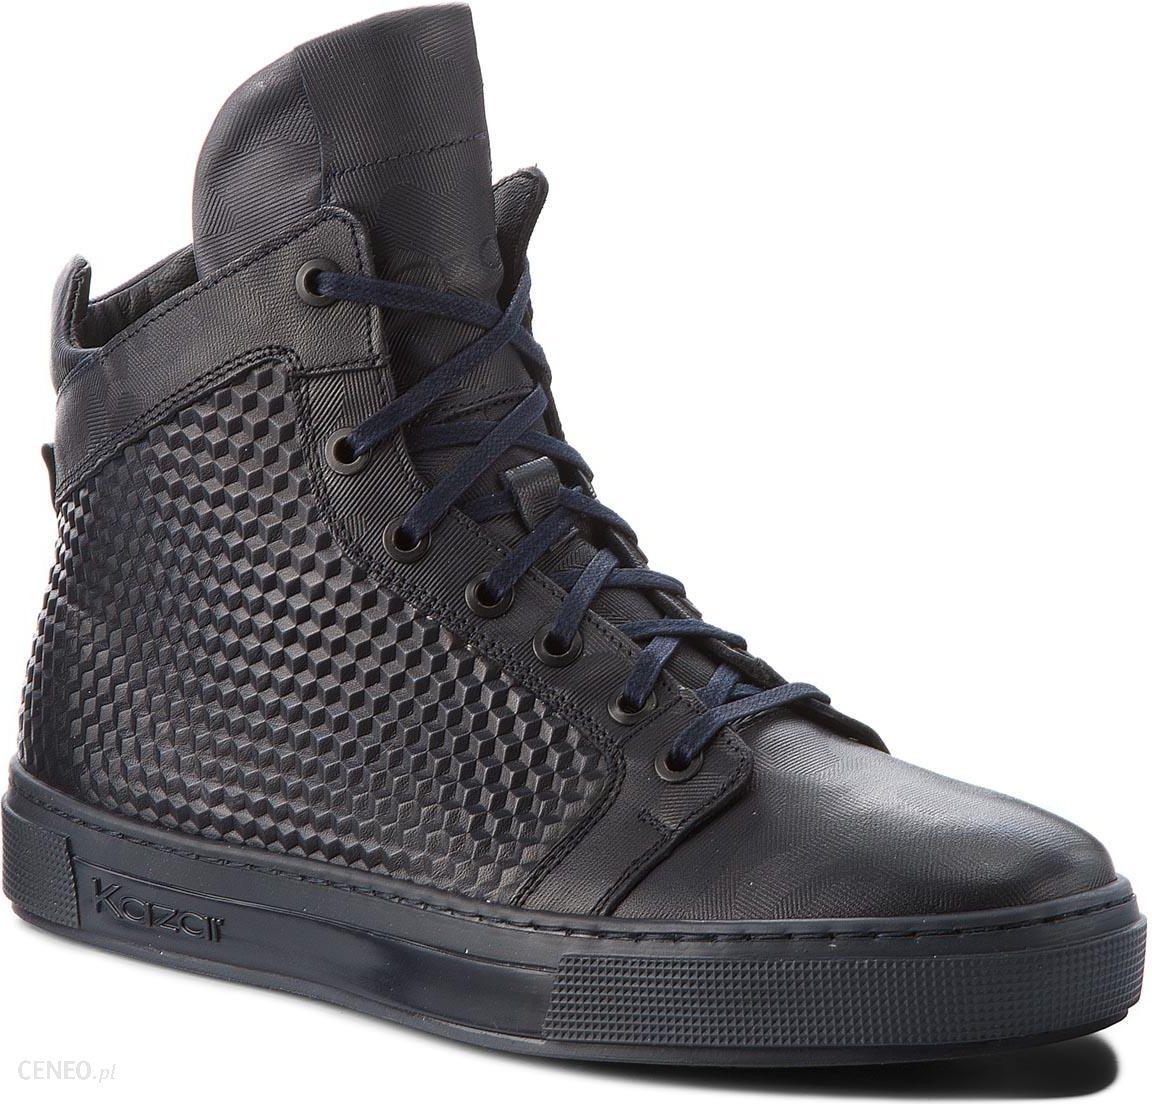 bd3ad125 Sneakersy KAZAR - Leo 33849-16-19 Navy - Ceny i opinie - Ceneo.pl